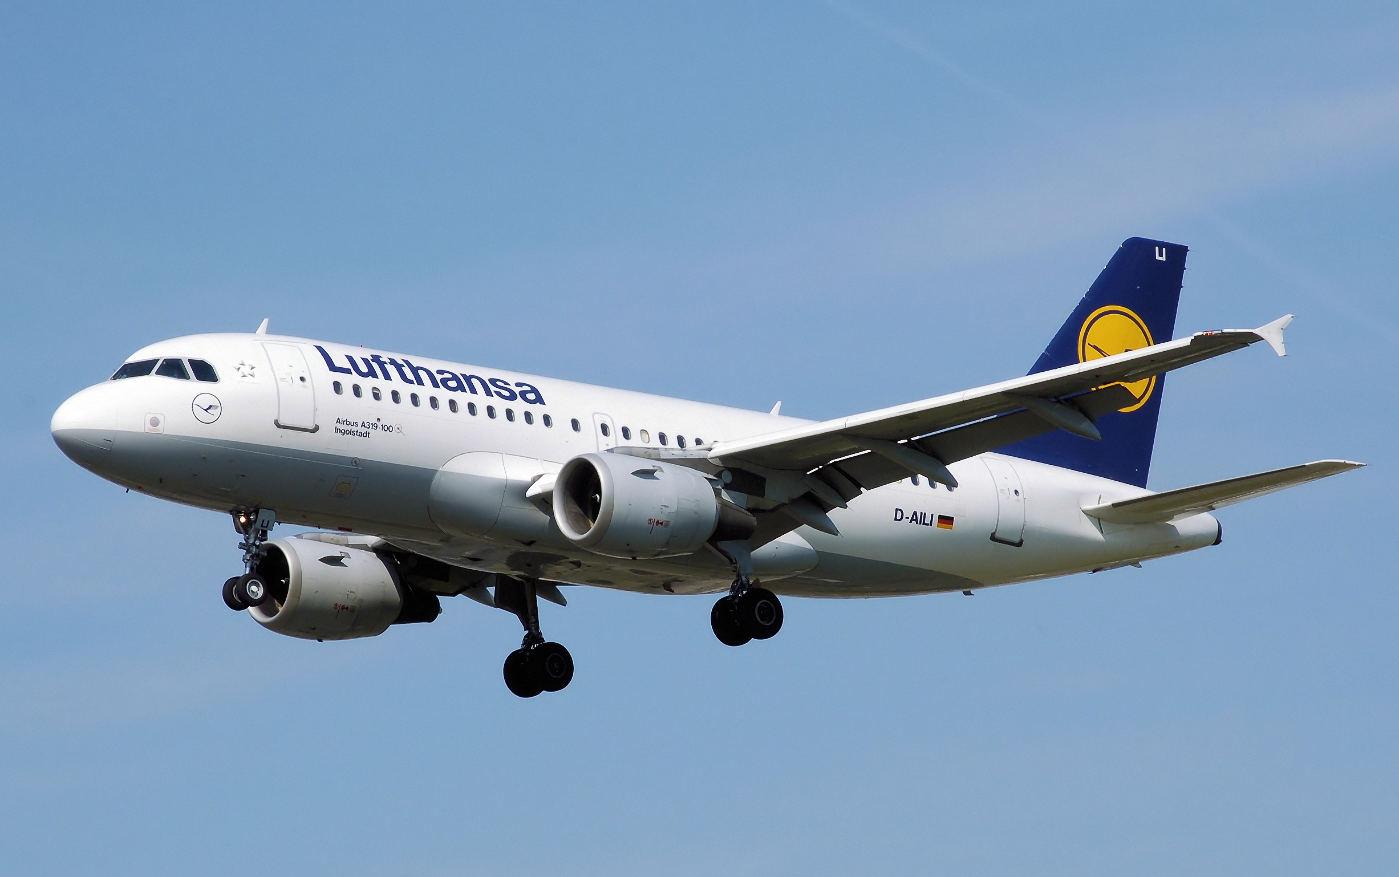 Le groupe Lufthansa, premier groupe aérien européen